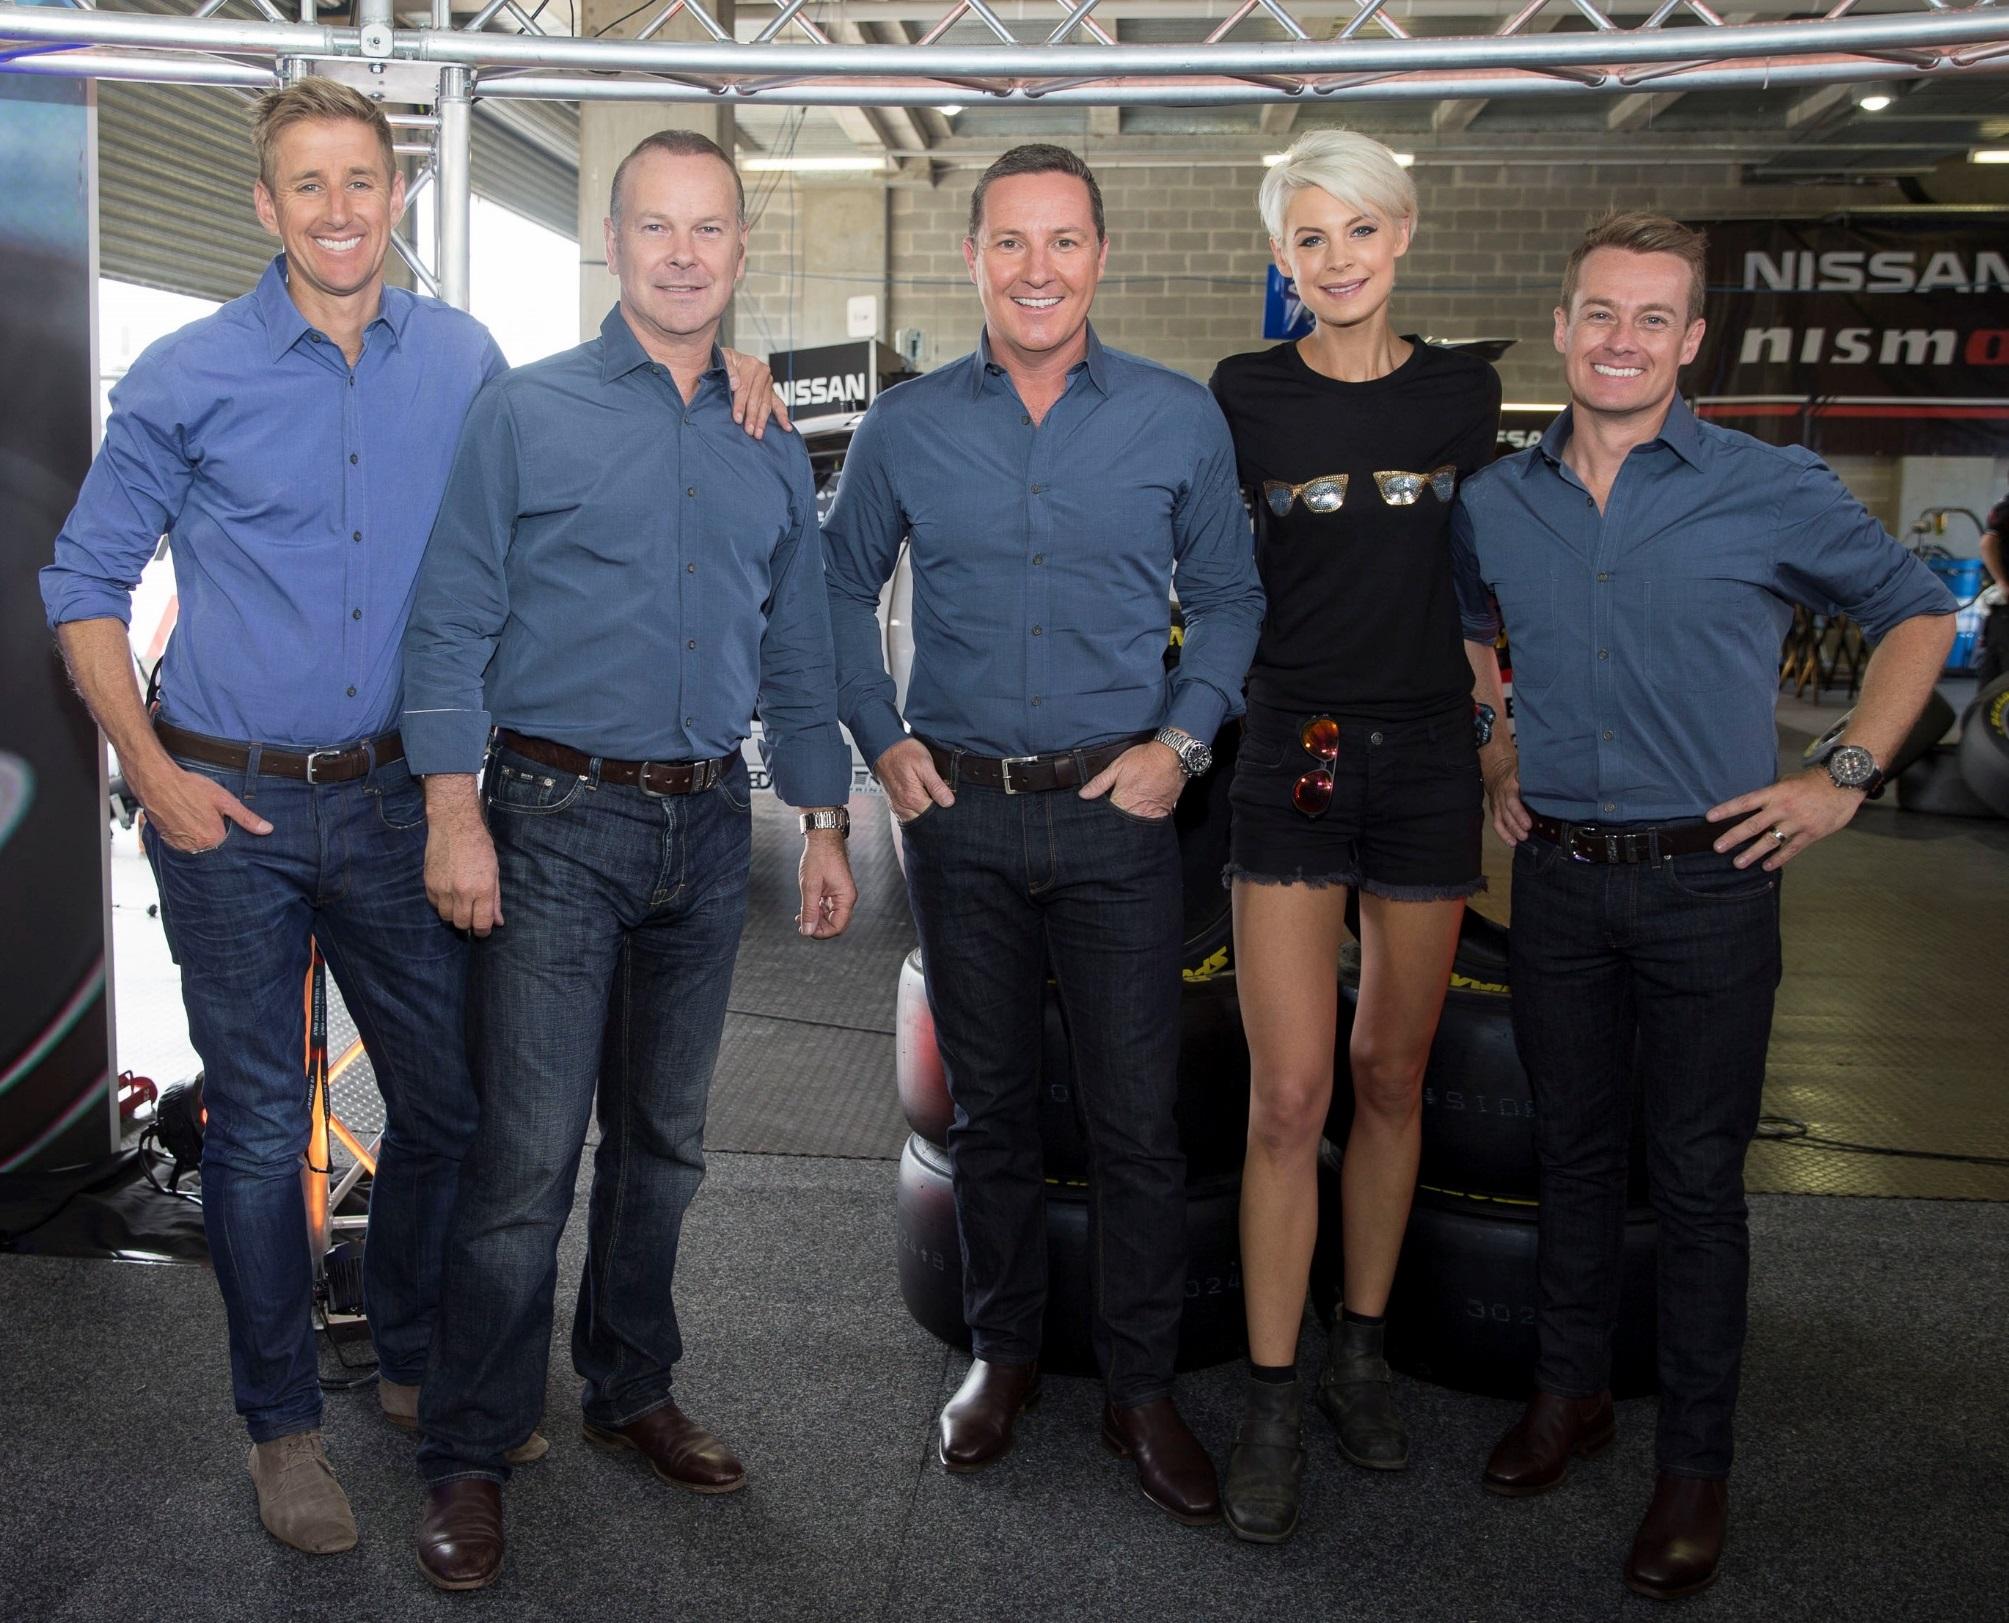 The TEN Motorsport team  image - supplied/TEN